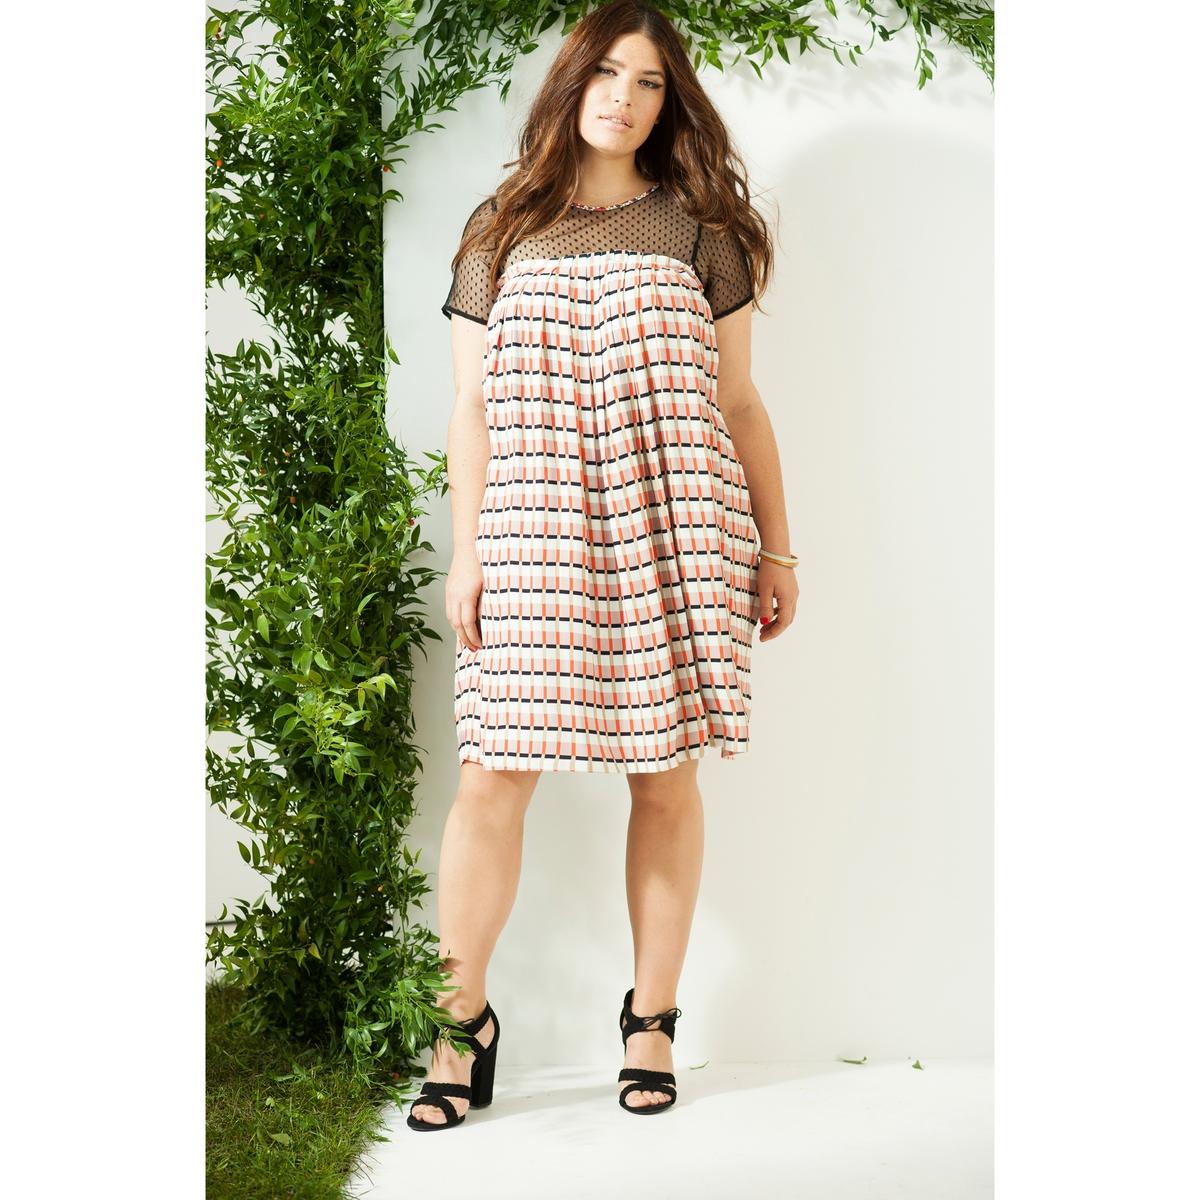 Платье расклешенноеРасклешенно платье в стиле бейби-долл. Коротки рукава и верхняя часть платья из сетчатого материала, складки на груди. Креп, 100% вискза. Длина 102 см.<br><br>Цвет: графичный рисунок<br>Размер: 42 (FR) - 48 (RUS).46 (FR) - 52 (RUS)